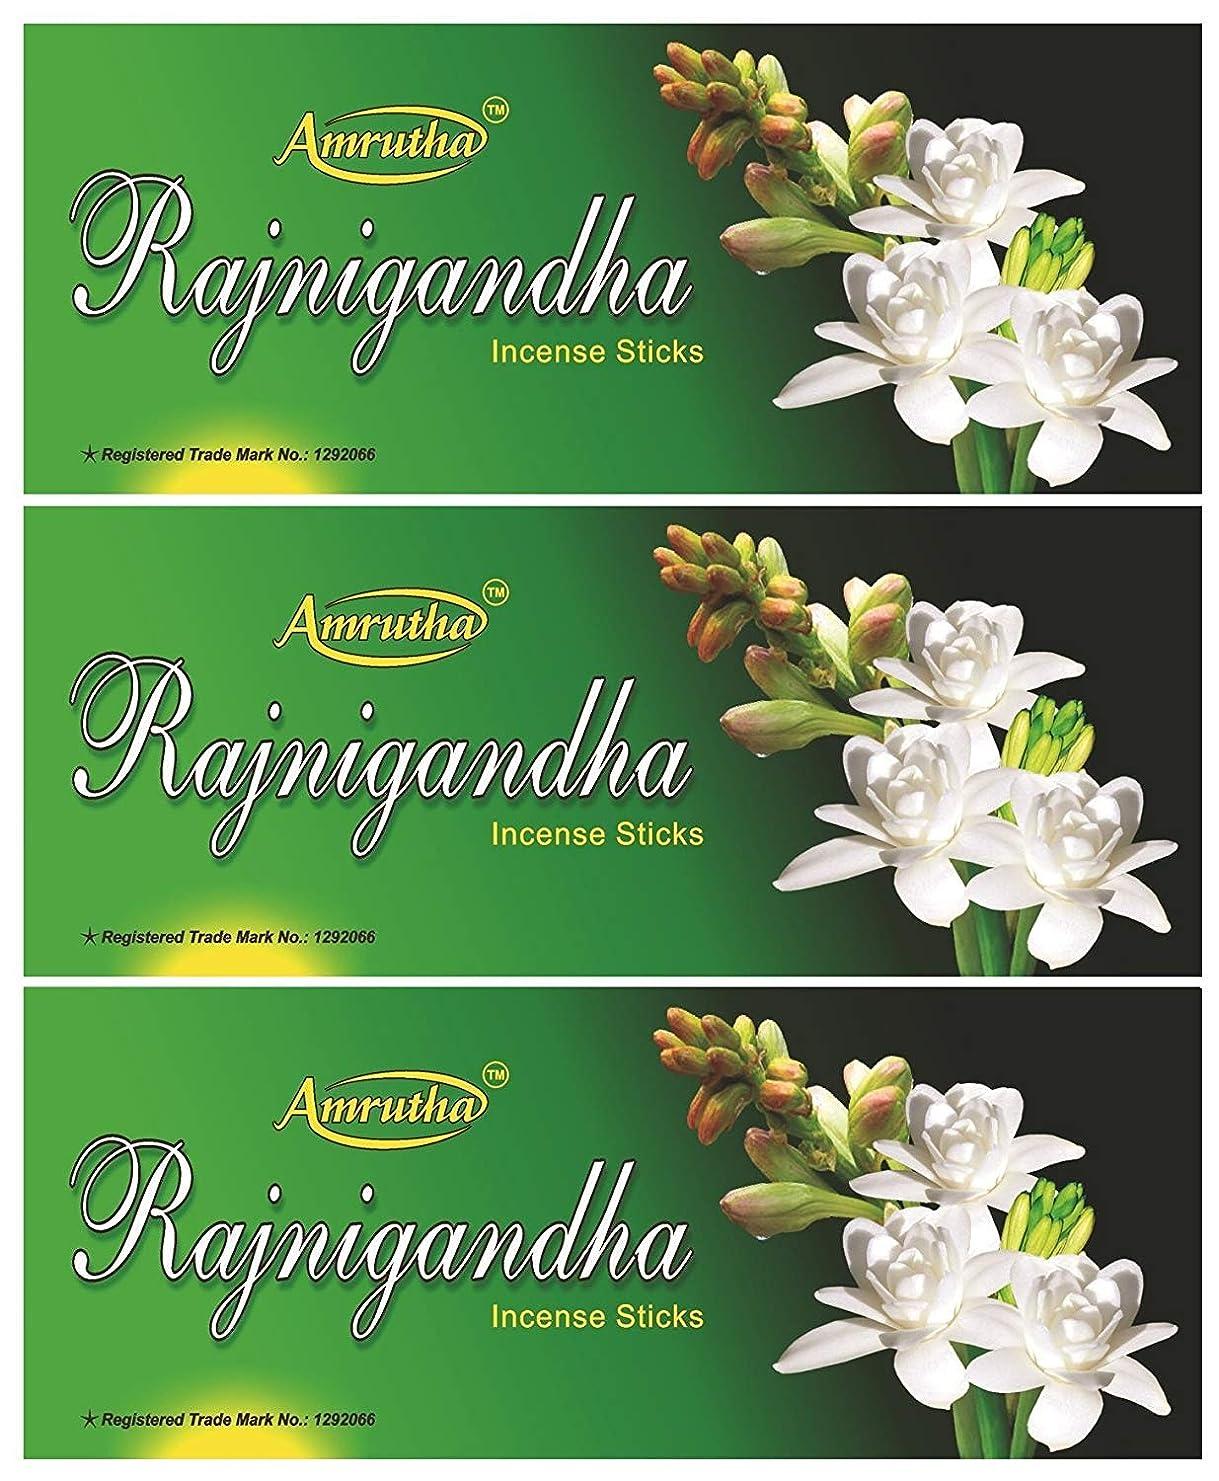 全くディスコ増強するAMRUTHA PREMIUM INCENSE STICKS Rajnigandha Incense Sticks (100g, Black) - Pack of 3